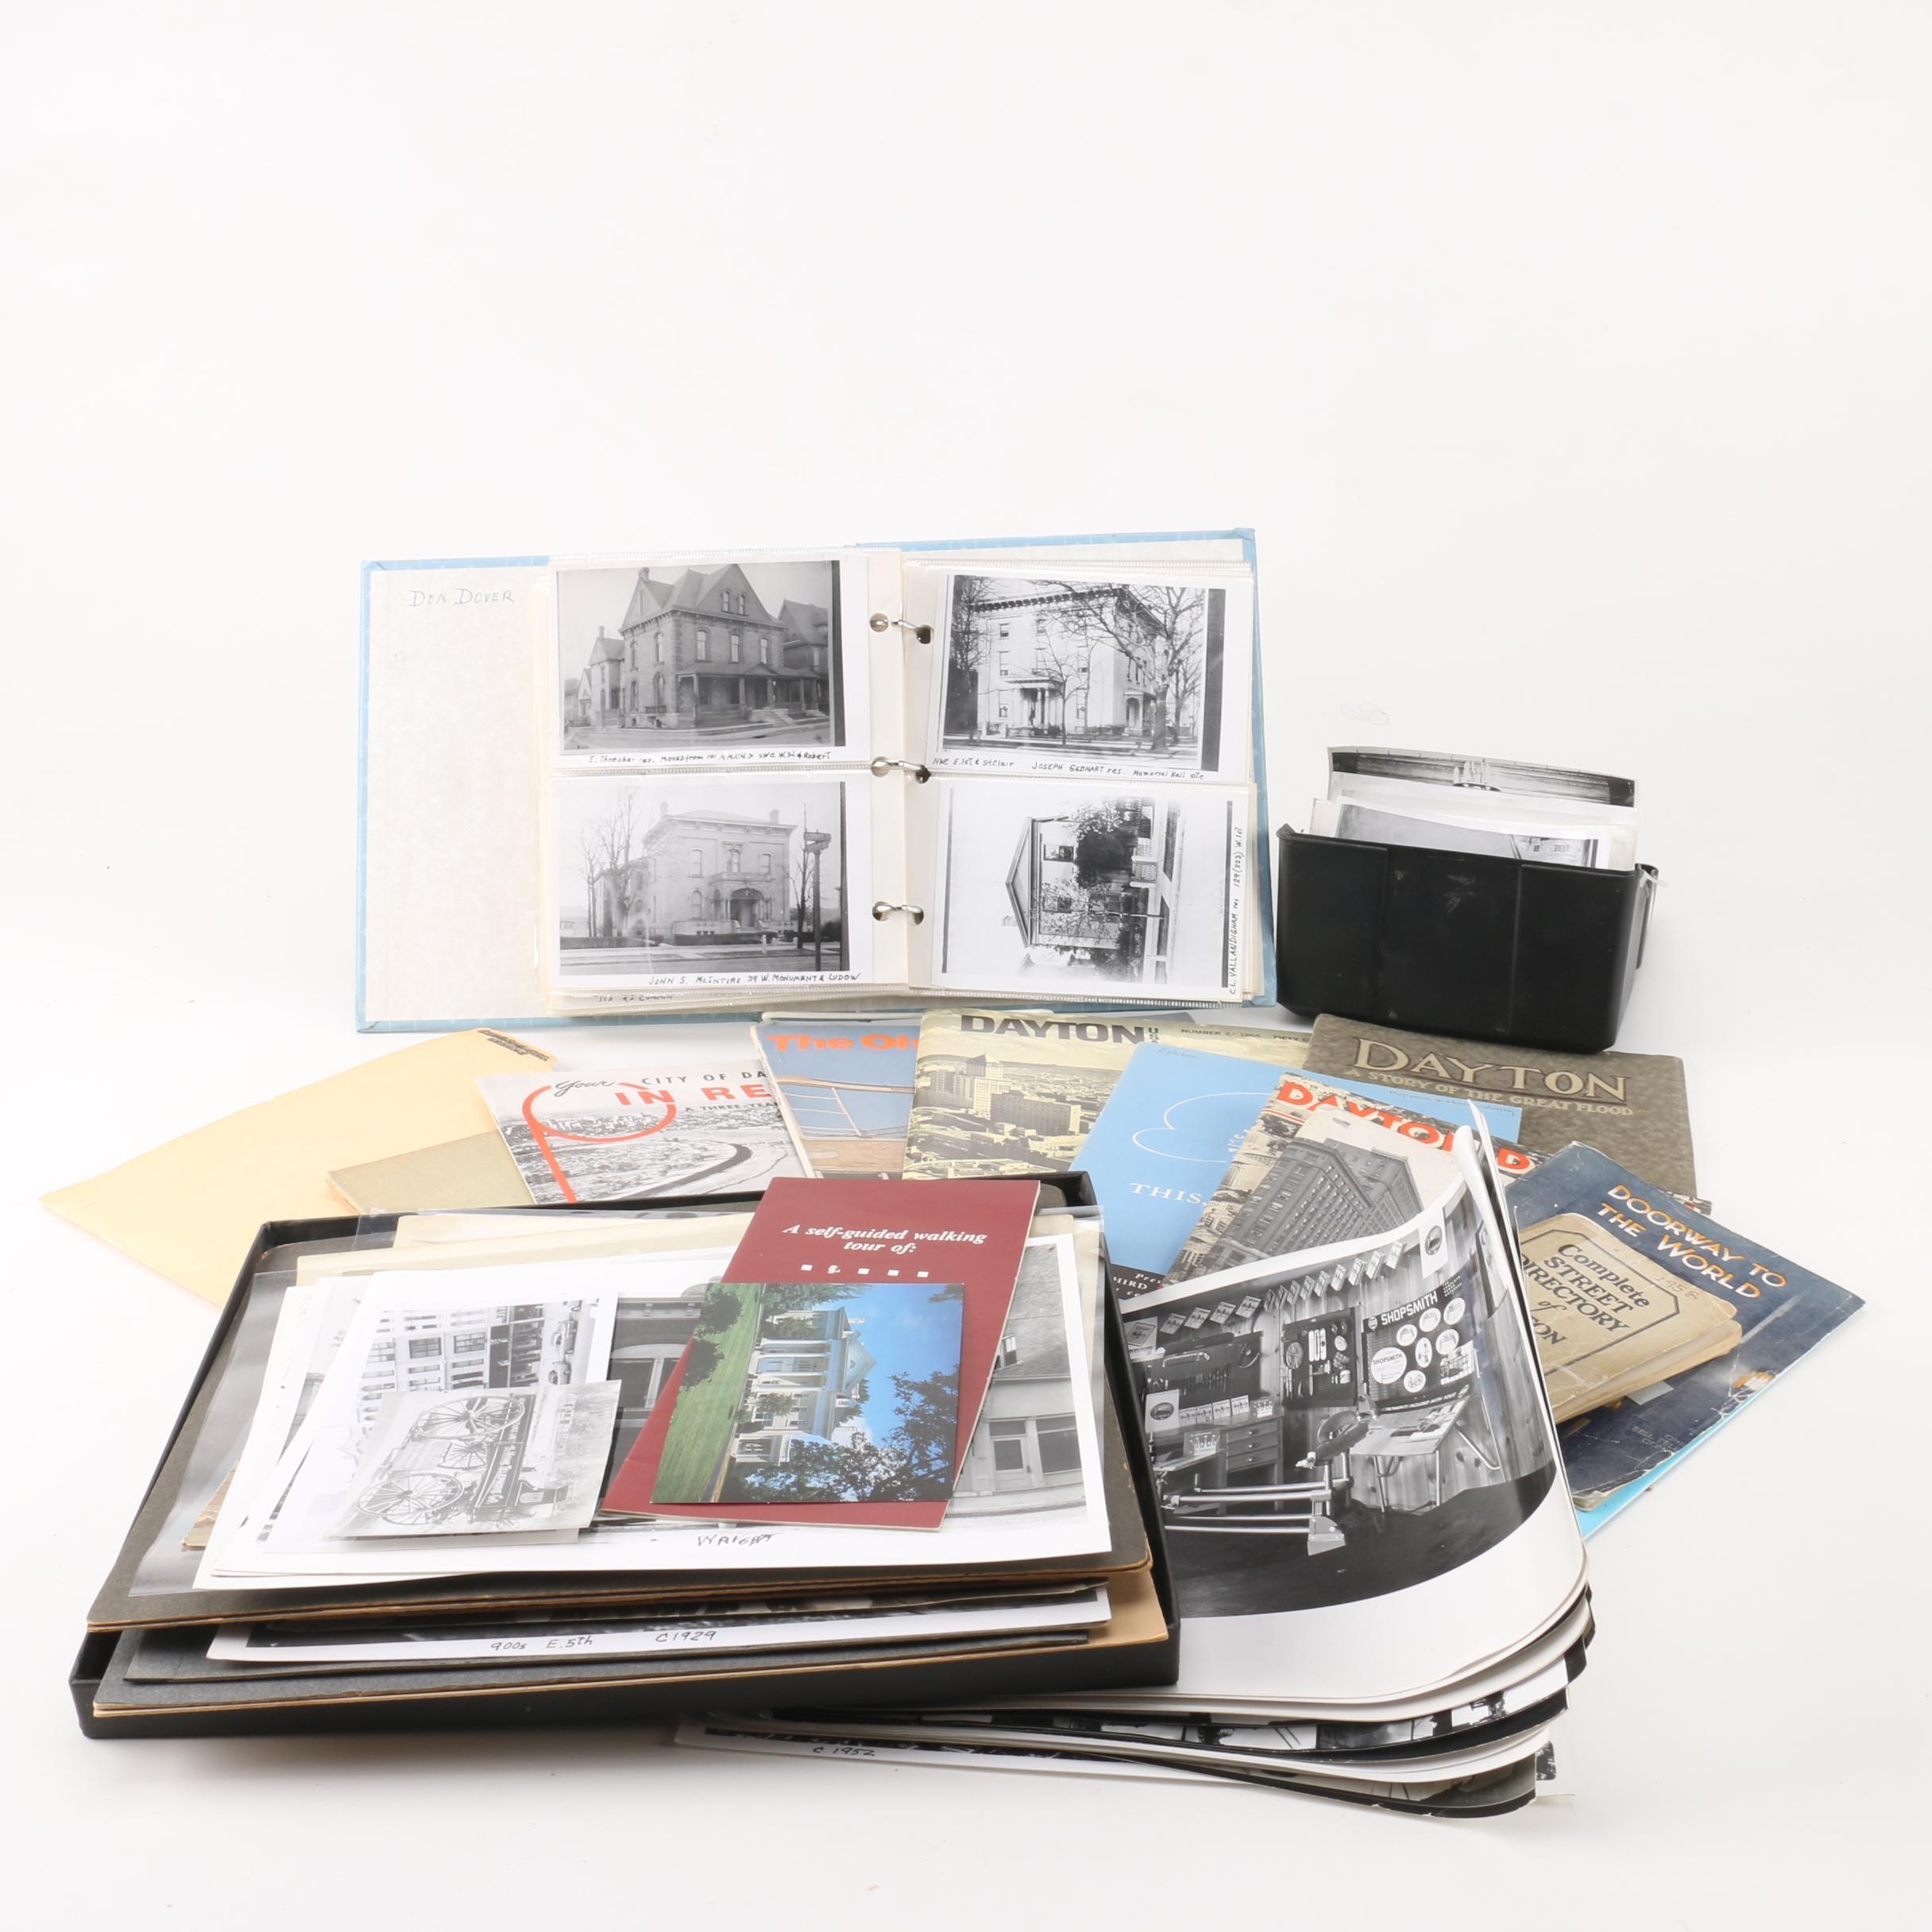 Dayton, Ohio Related Photographs and Paper Ephemera